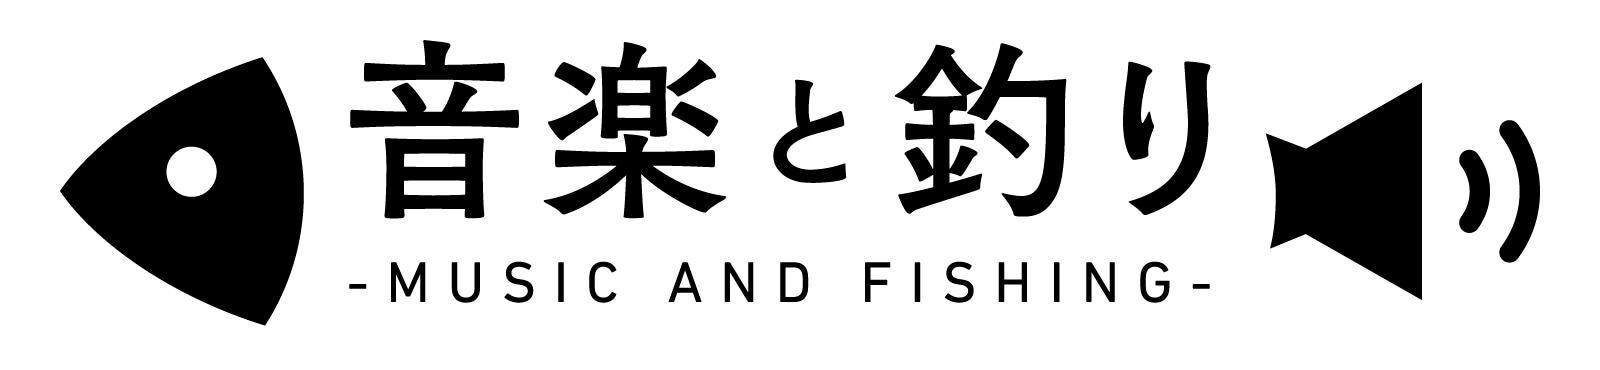 音楽と釣り